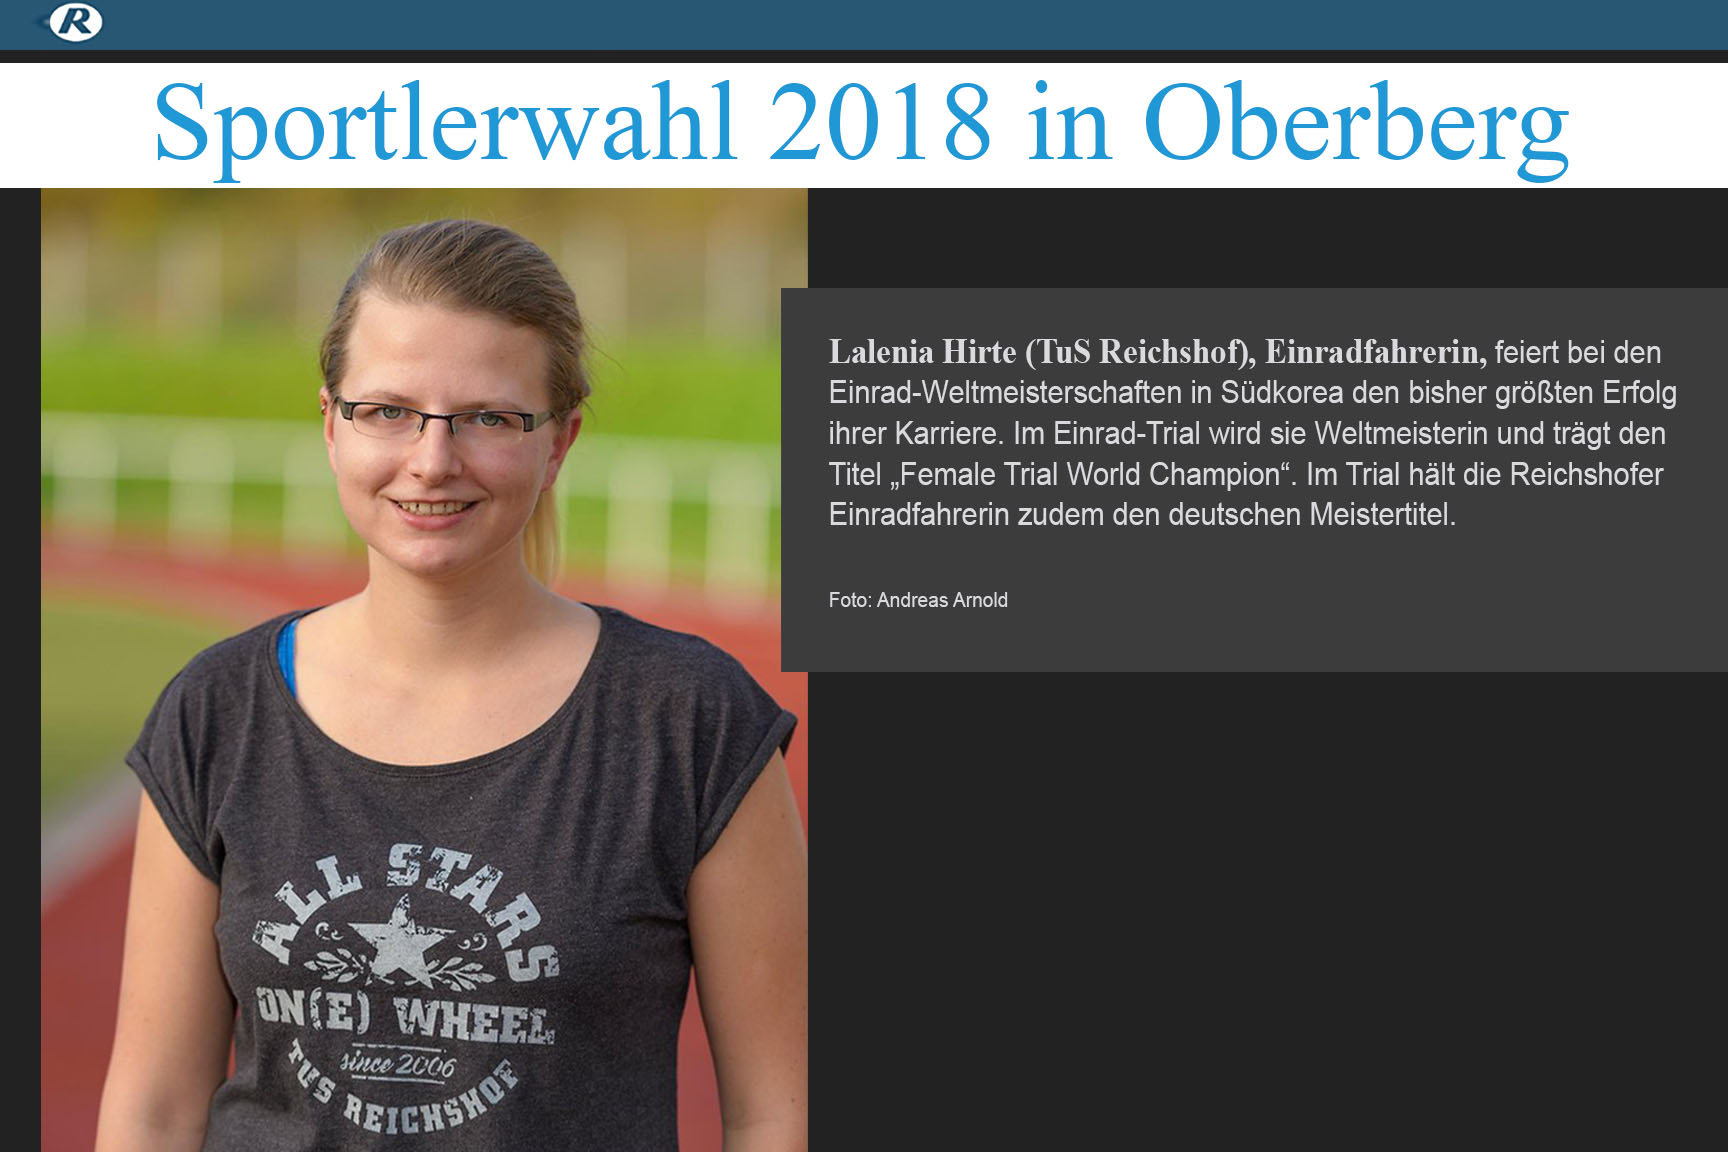 OVZ Sportlerwahl 2018 - und Lalenia ist mit dabei